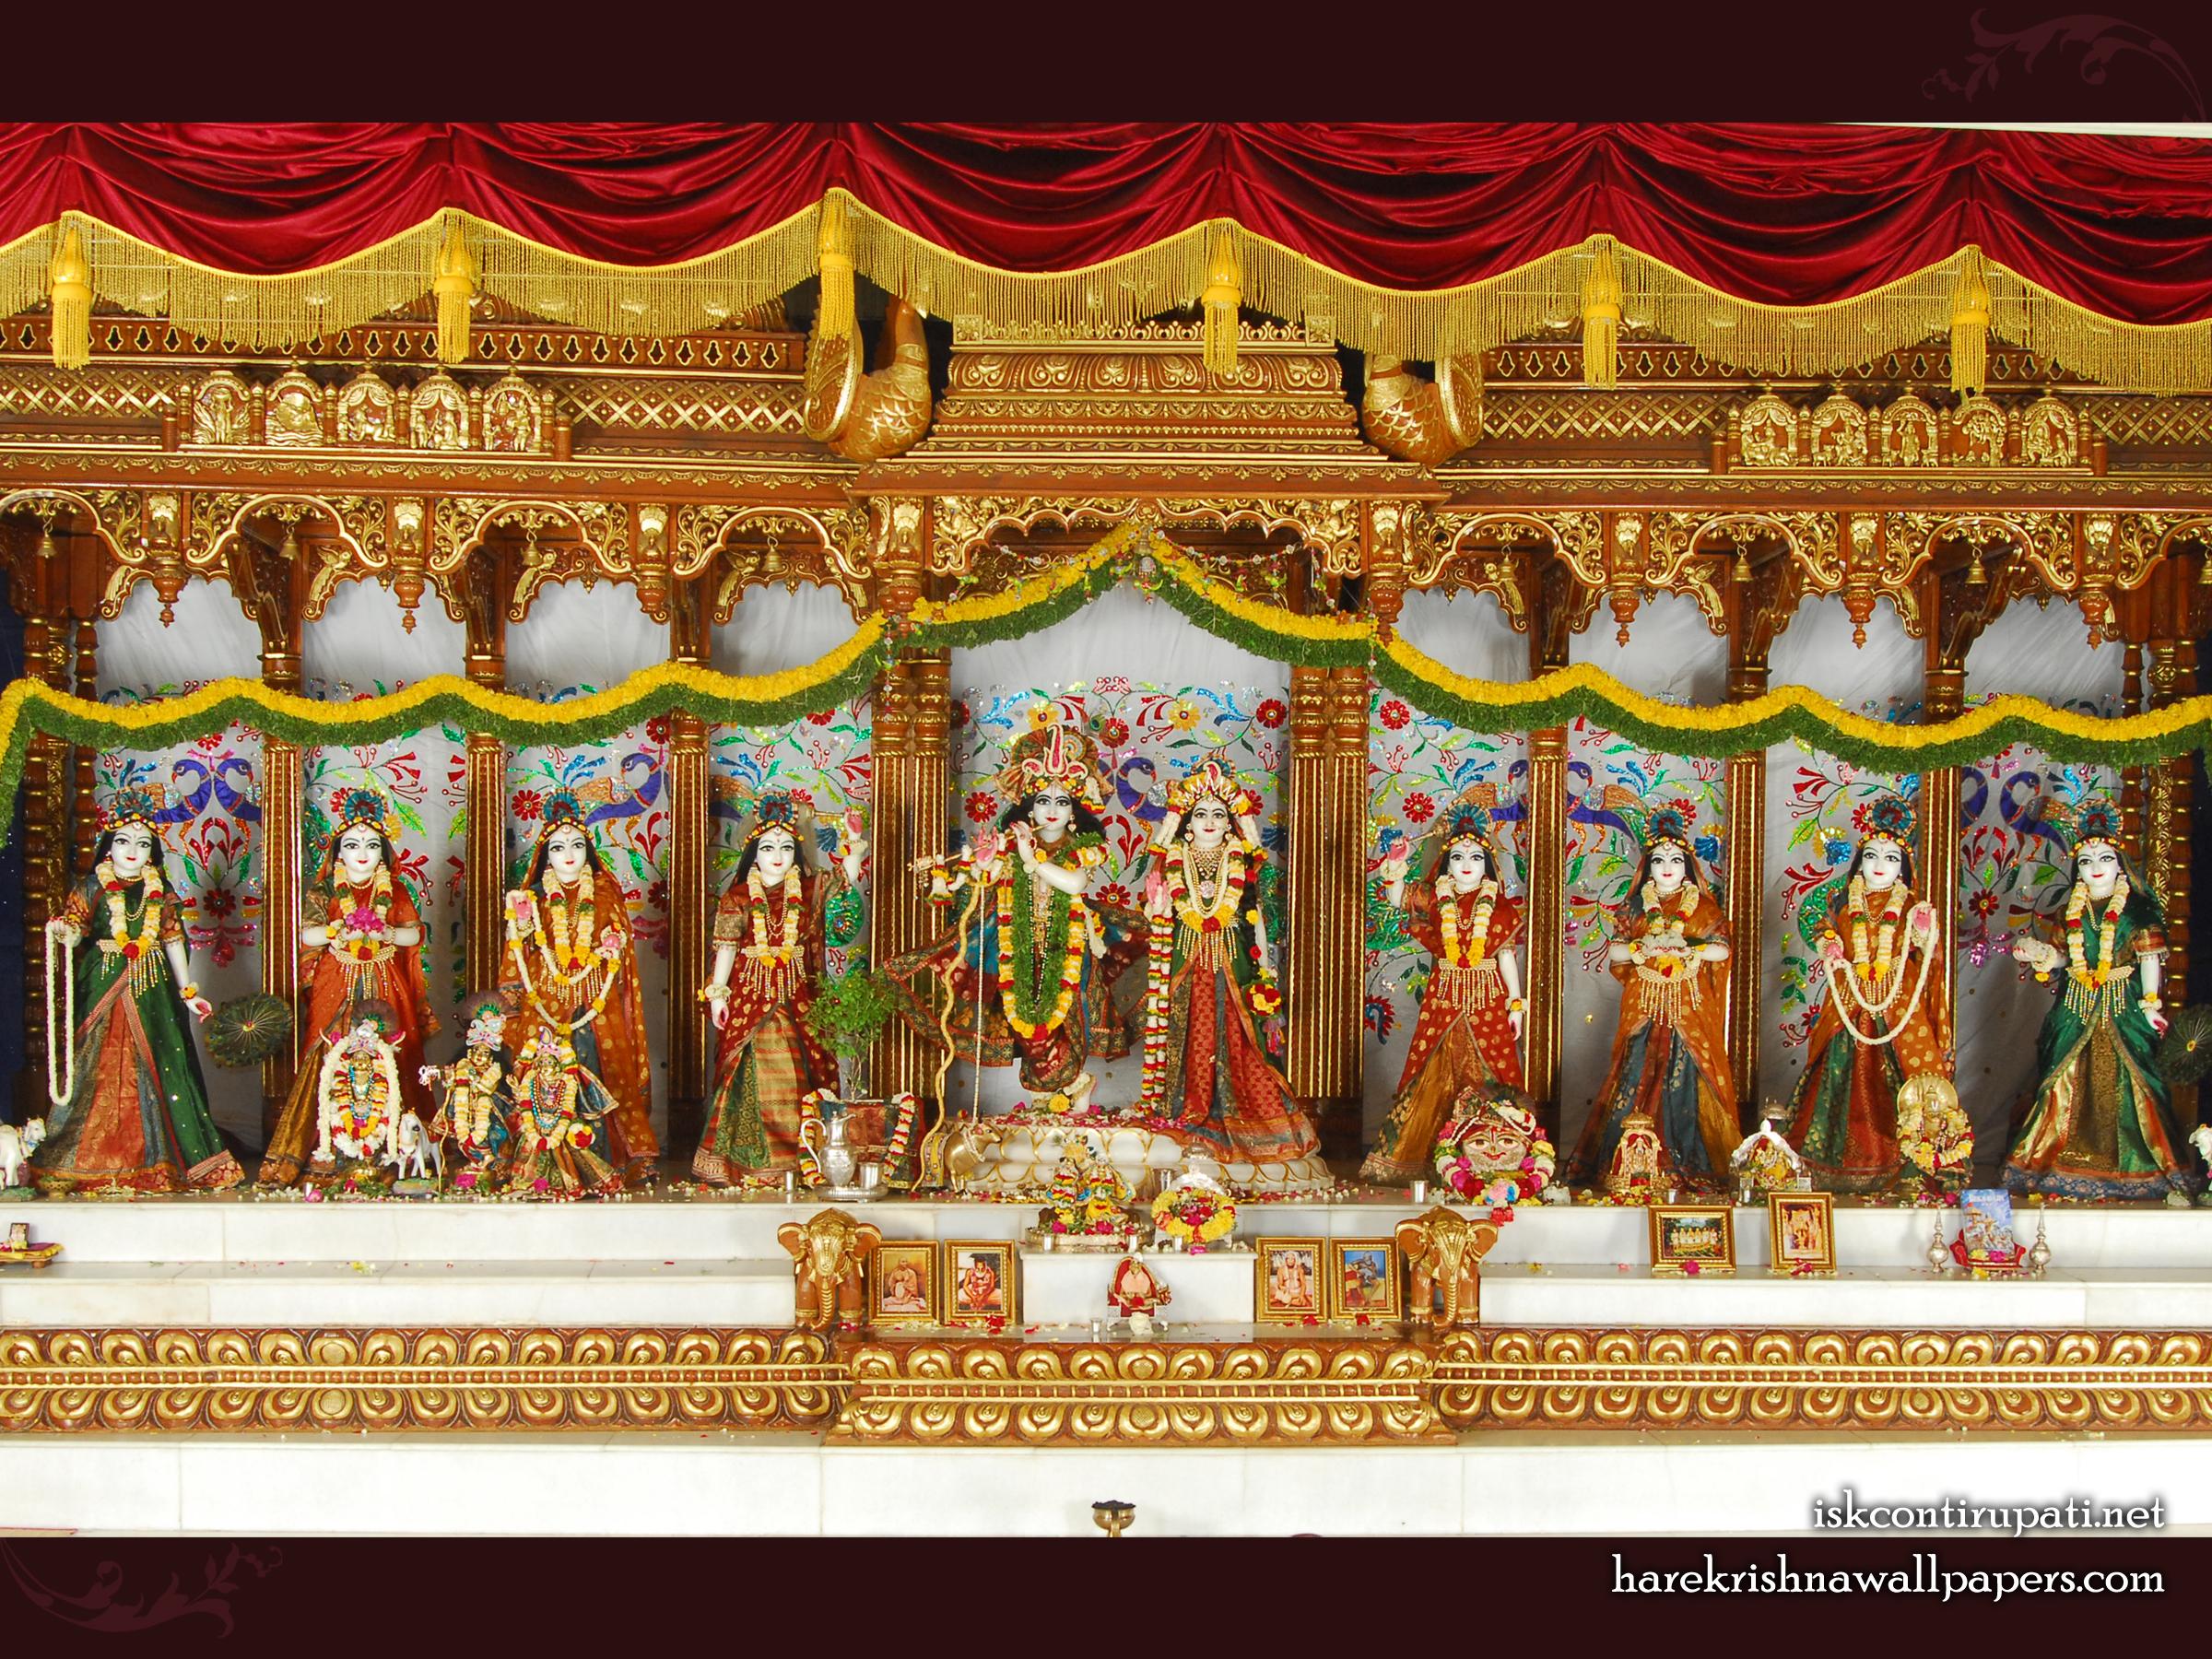 Sri Sri Radha Govinda with Ashtasakhi Wallpaper (002) Size 2400x1800 Download